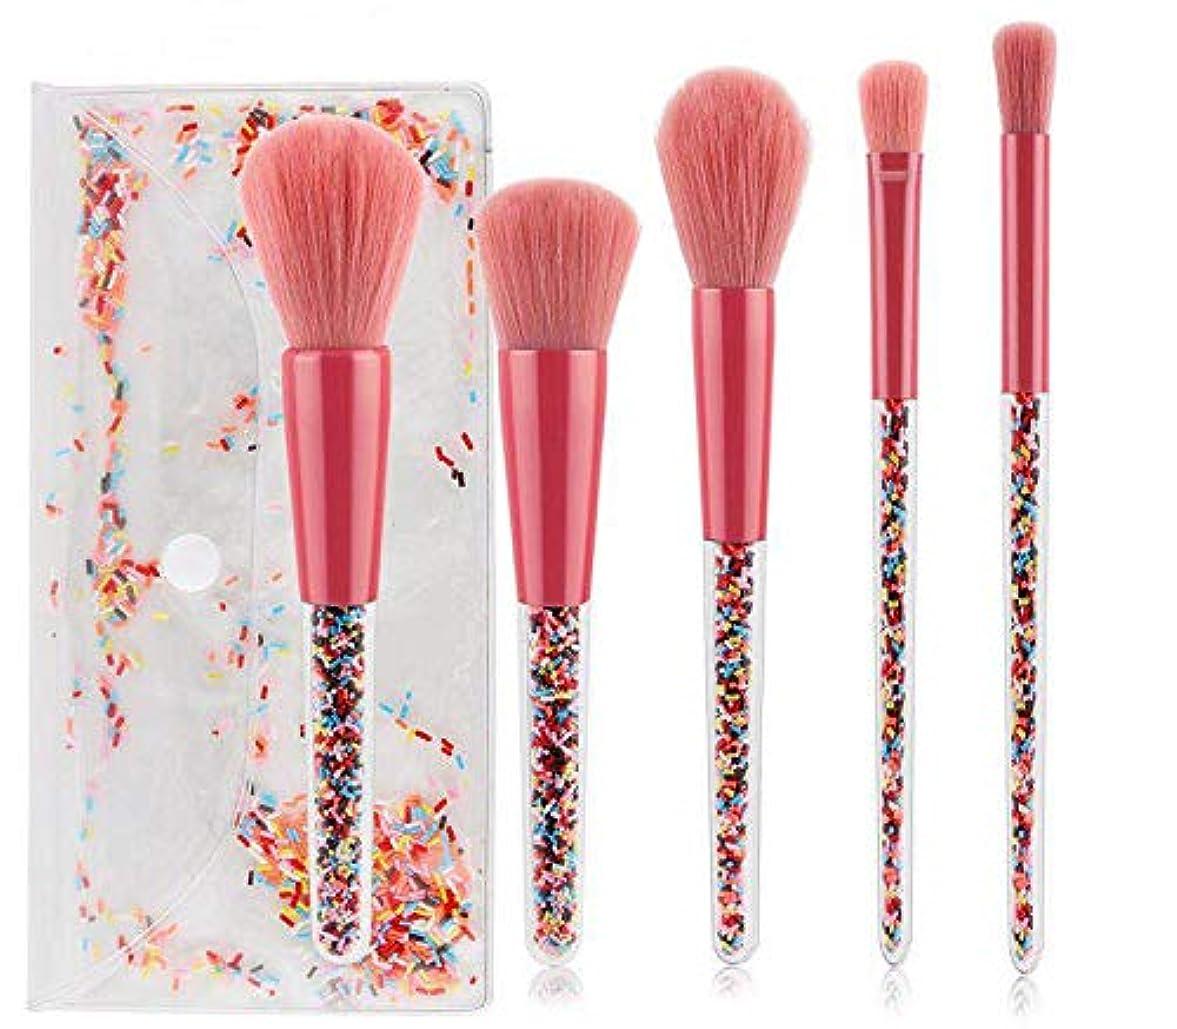 フラフープ繁栄する本物のメイクブラシ 5本セット 化粧ブラシ 化粧筆 ファンデーションブラシ フェイスブラシ